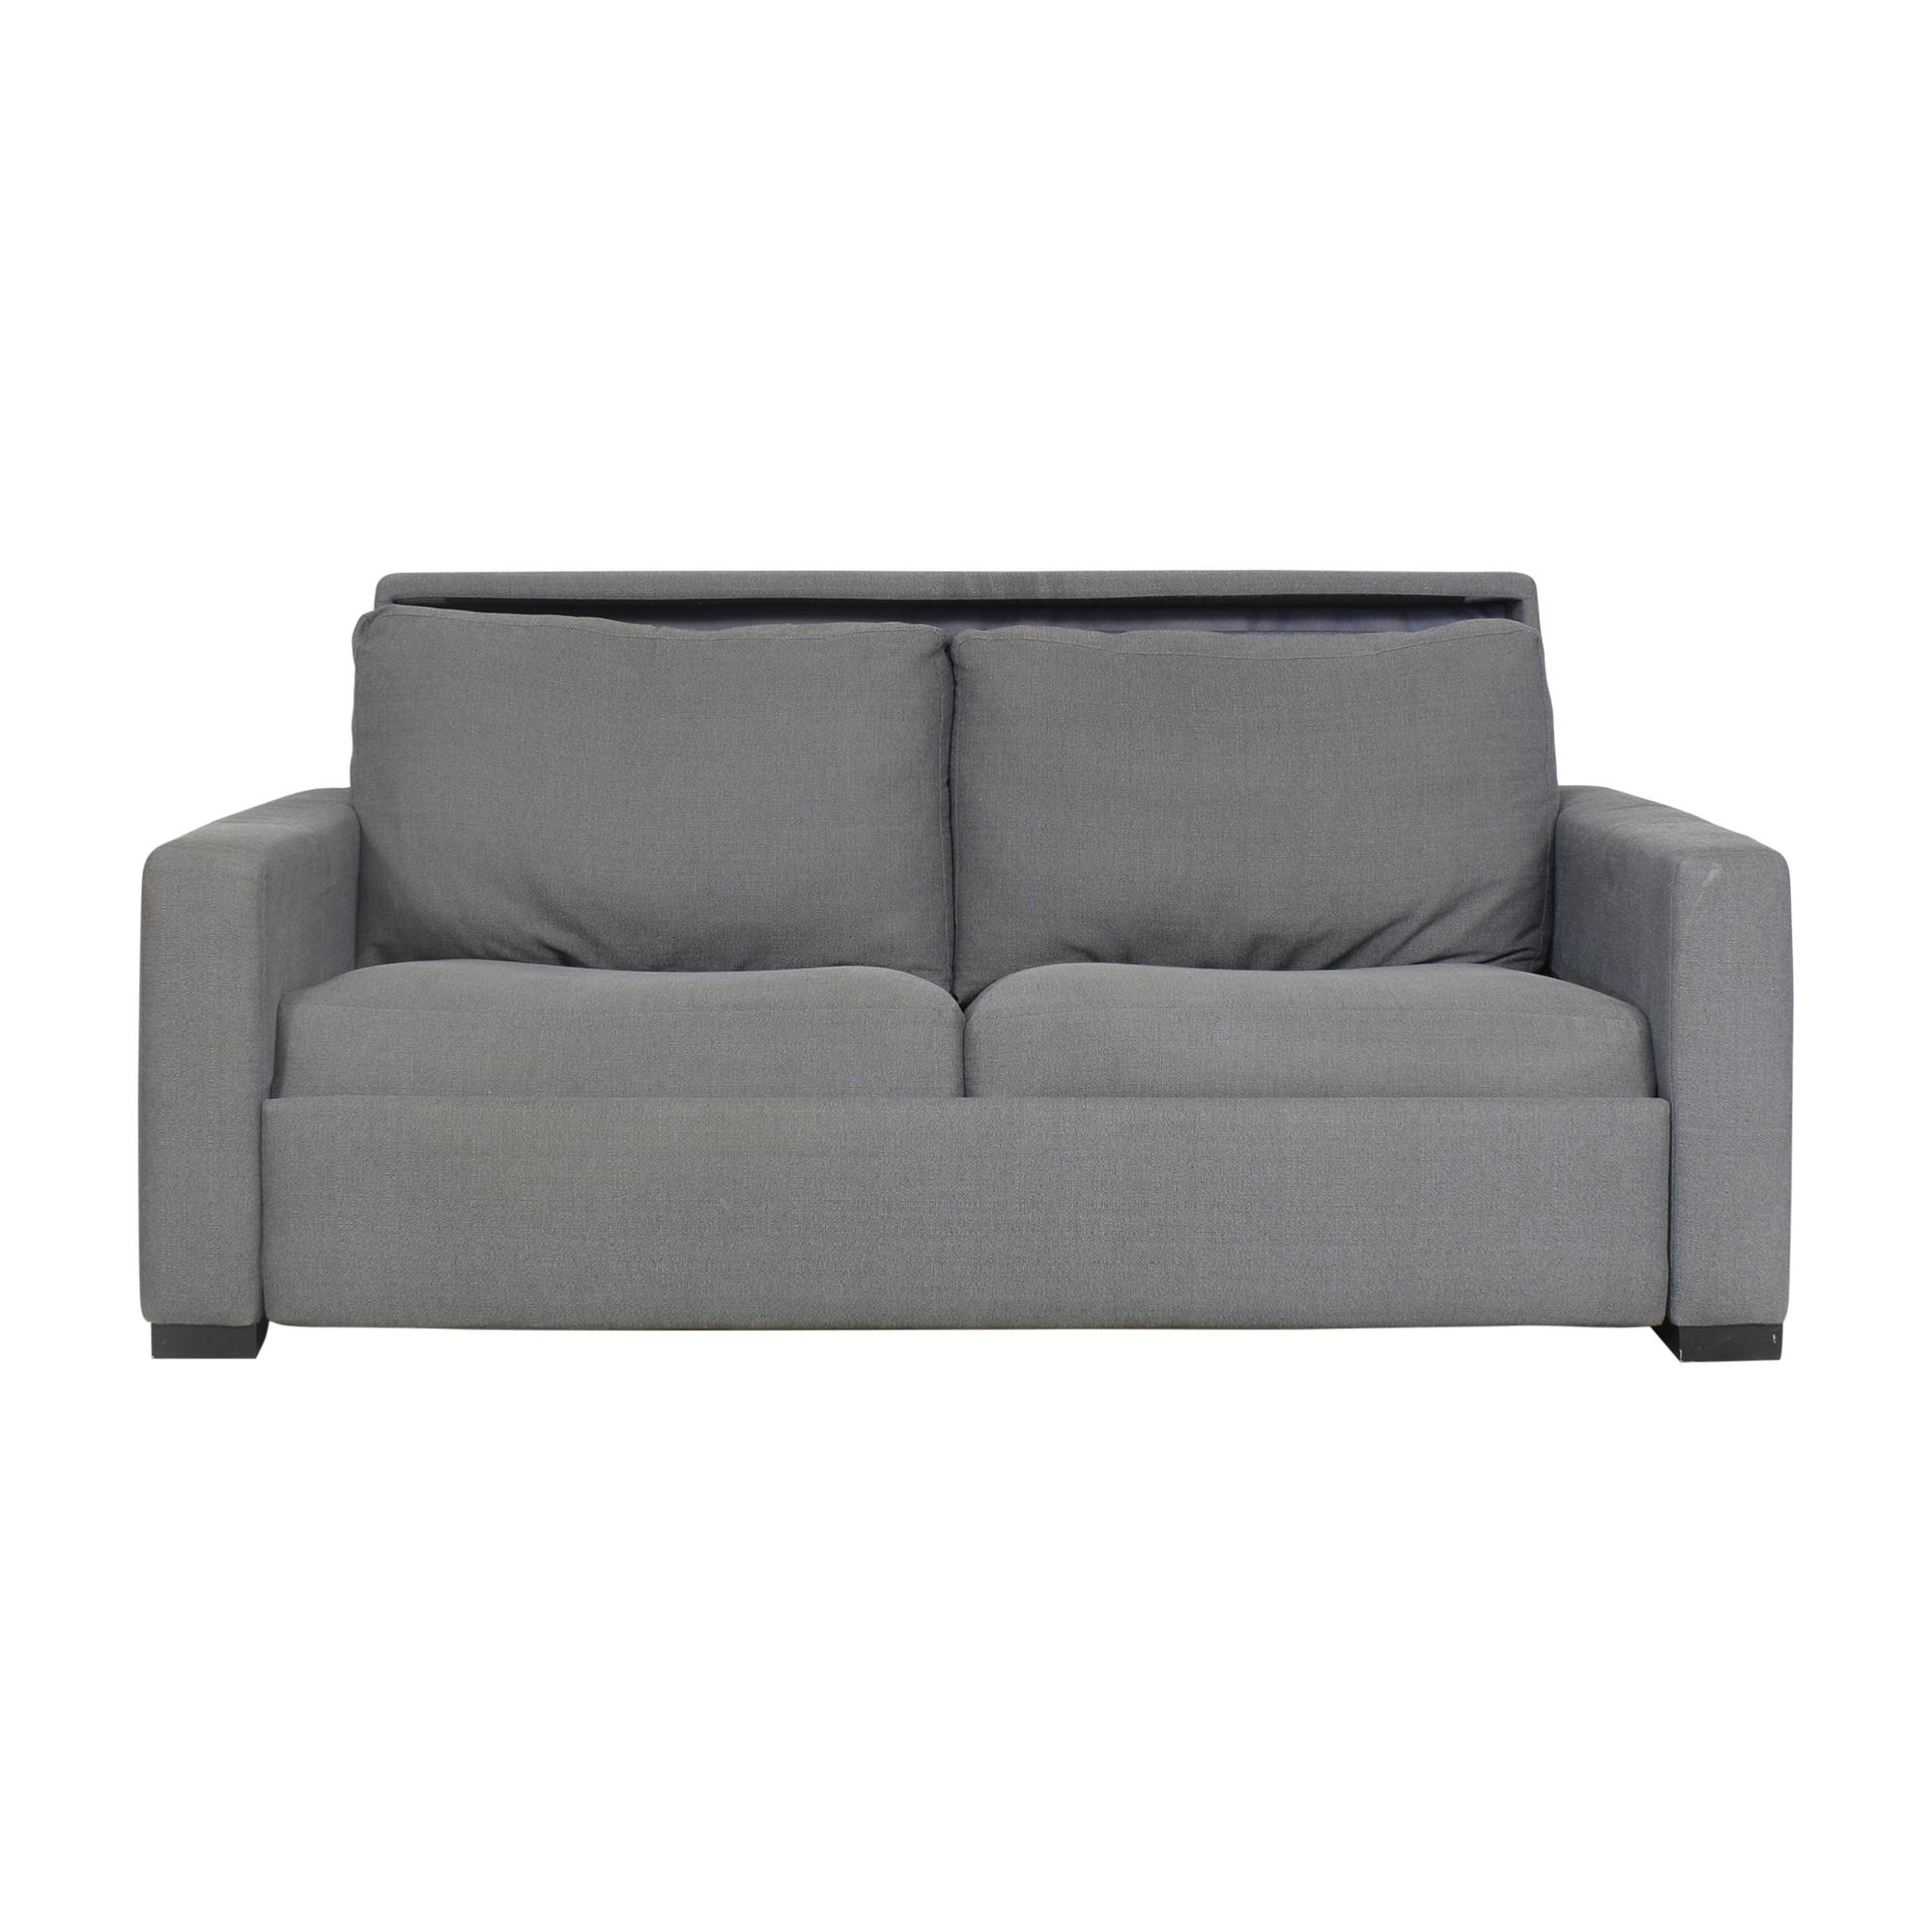 Room & Board Room & Board Pierce Two Cushion Sleeper Sofa pa